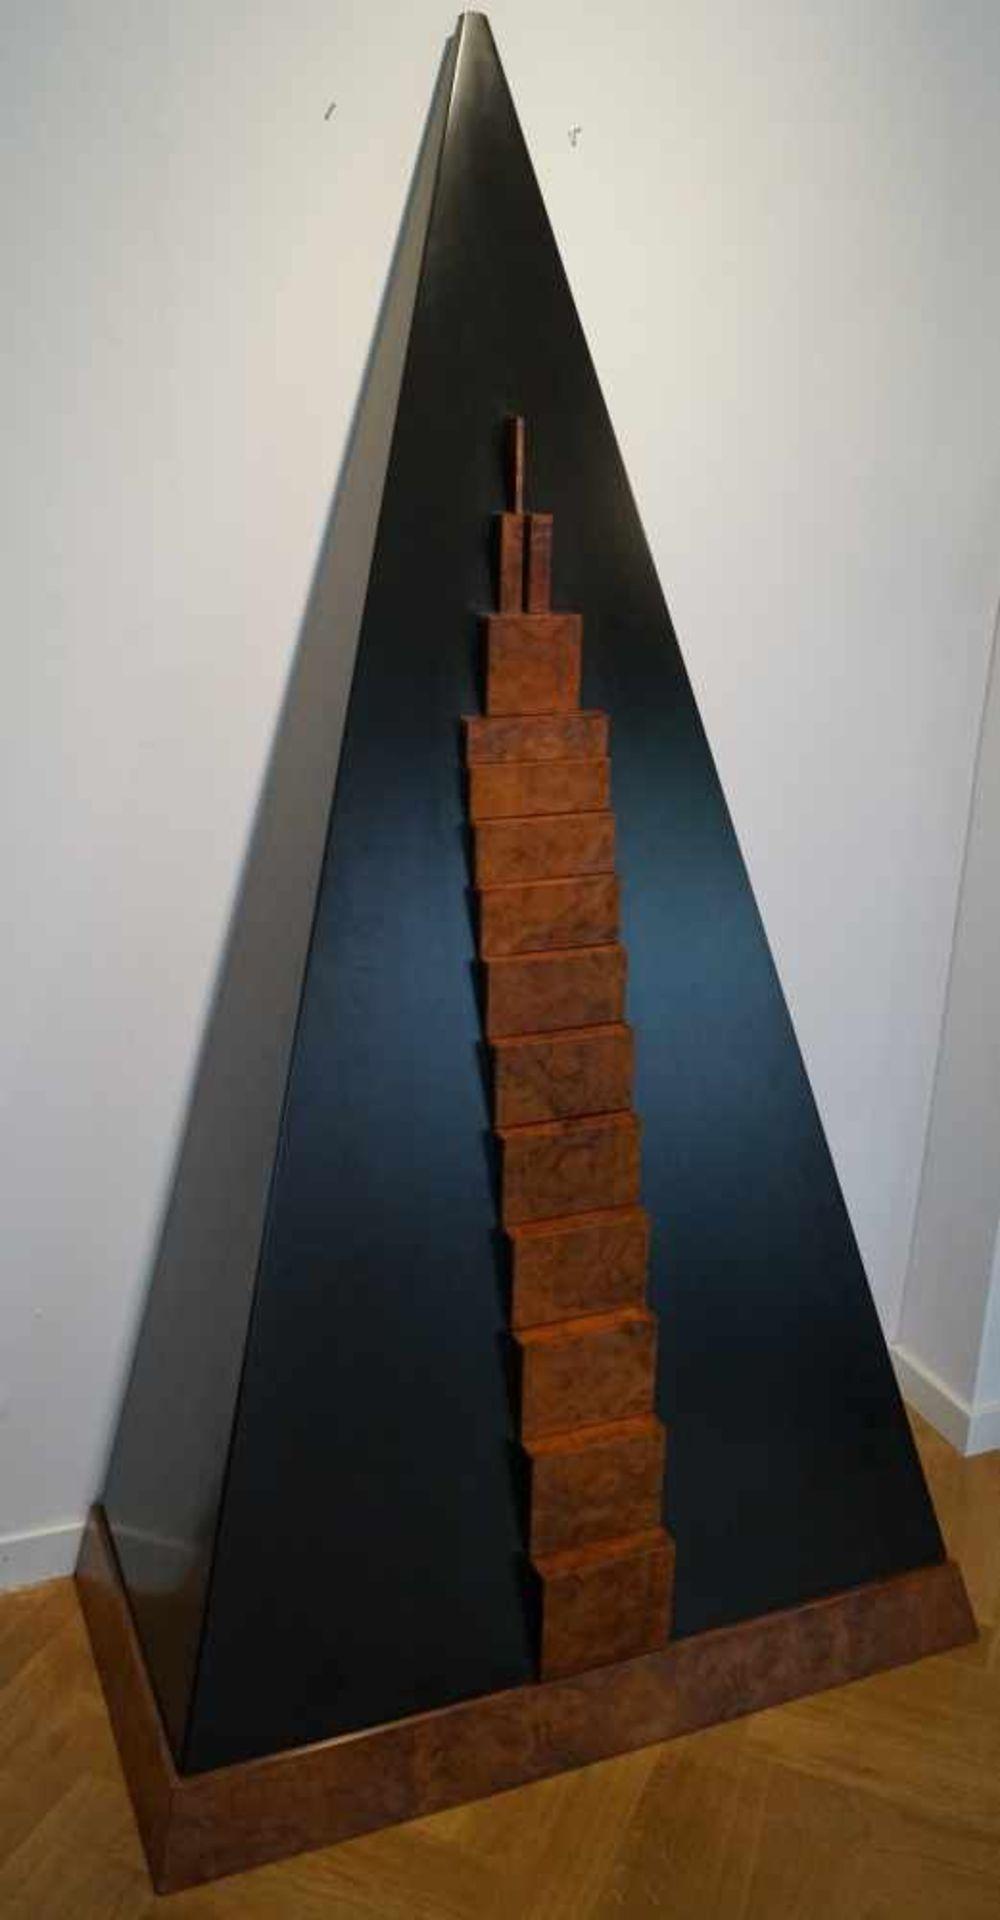 Pyramidenschrank, Andreas Weisheit (1937 - 2000) Pyramidenschrank, Thujawurzelholz und in